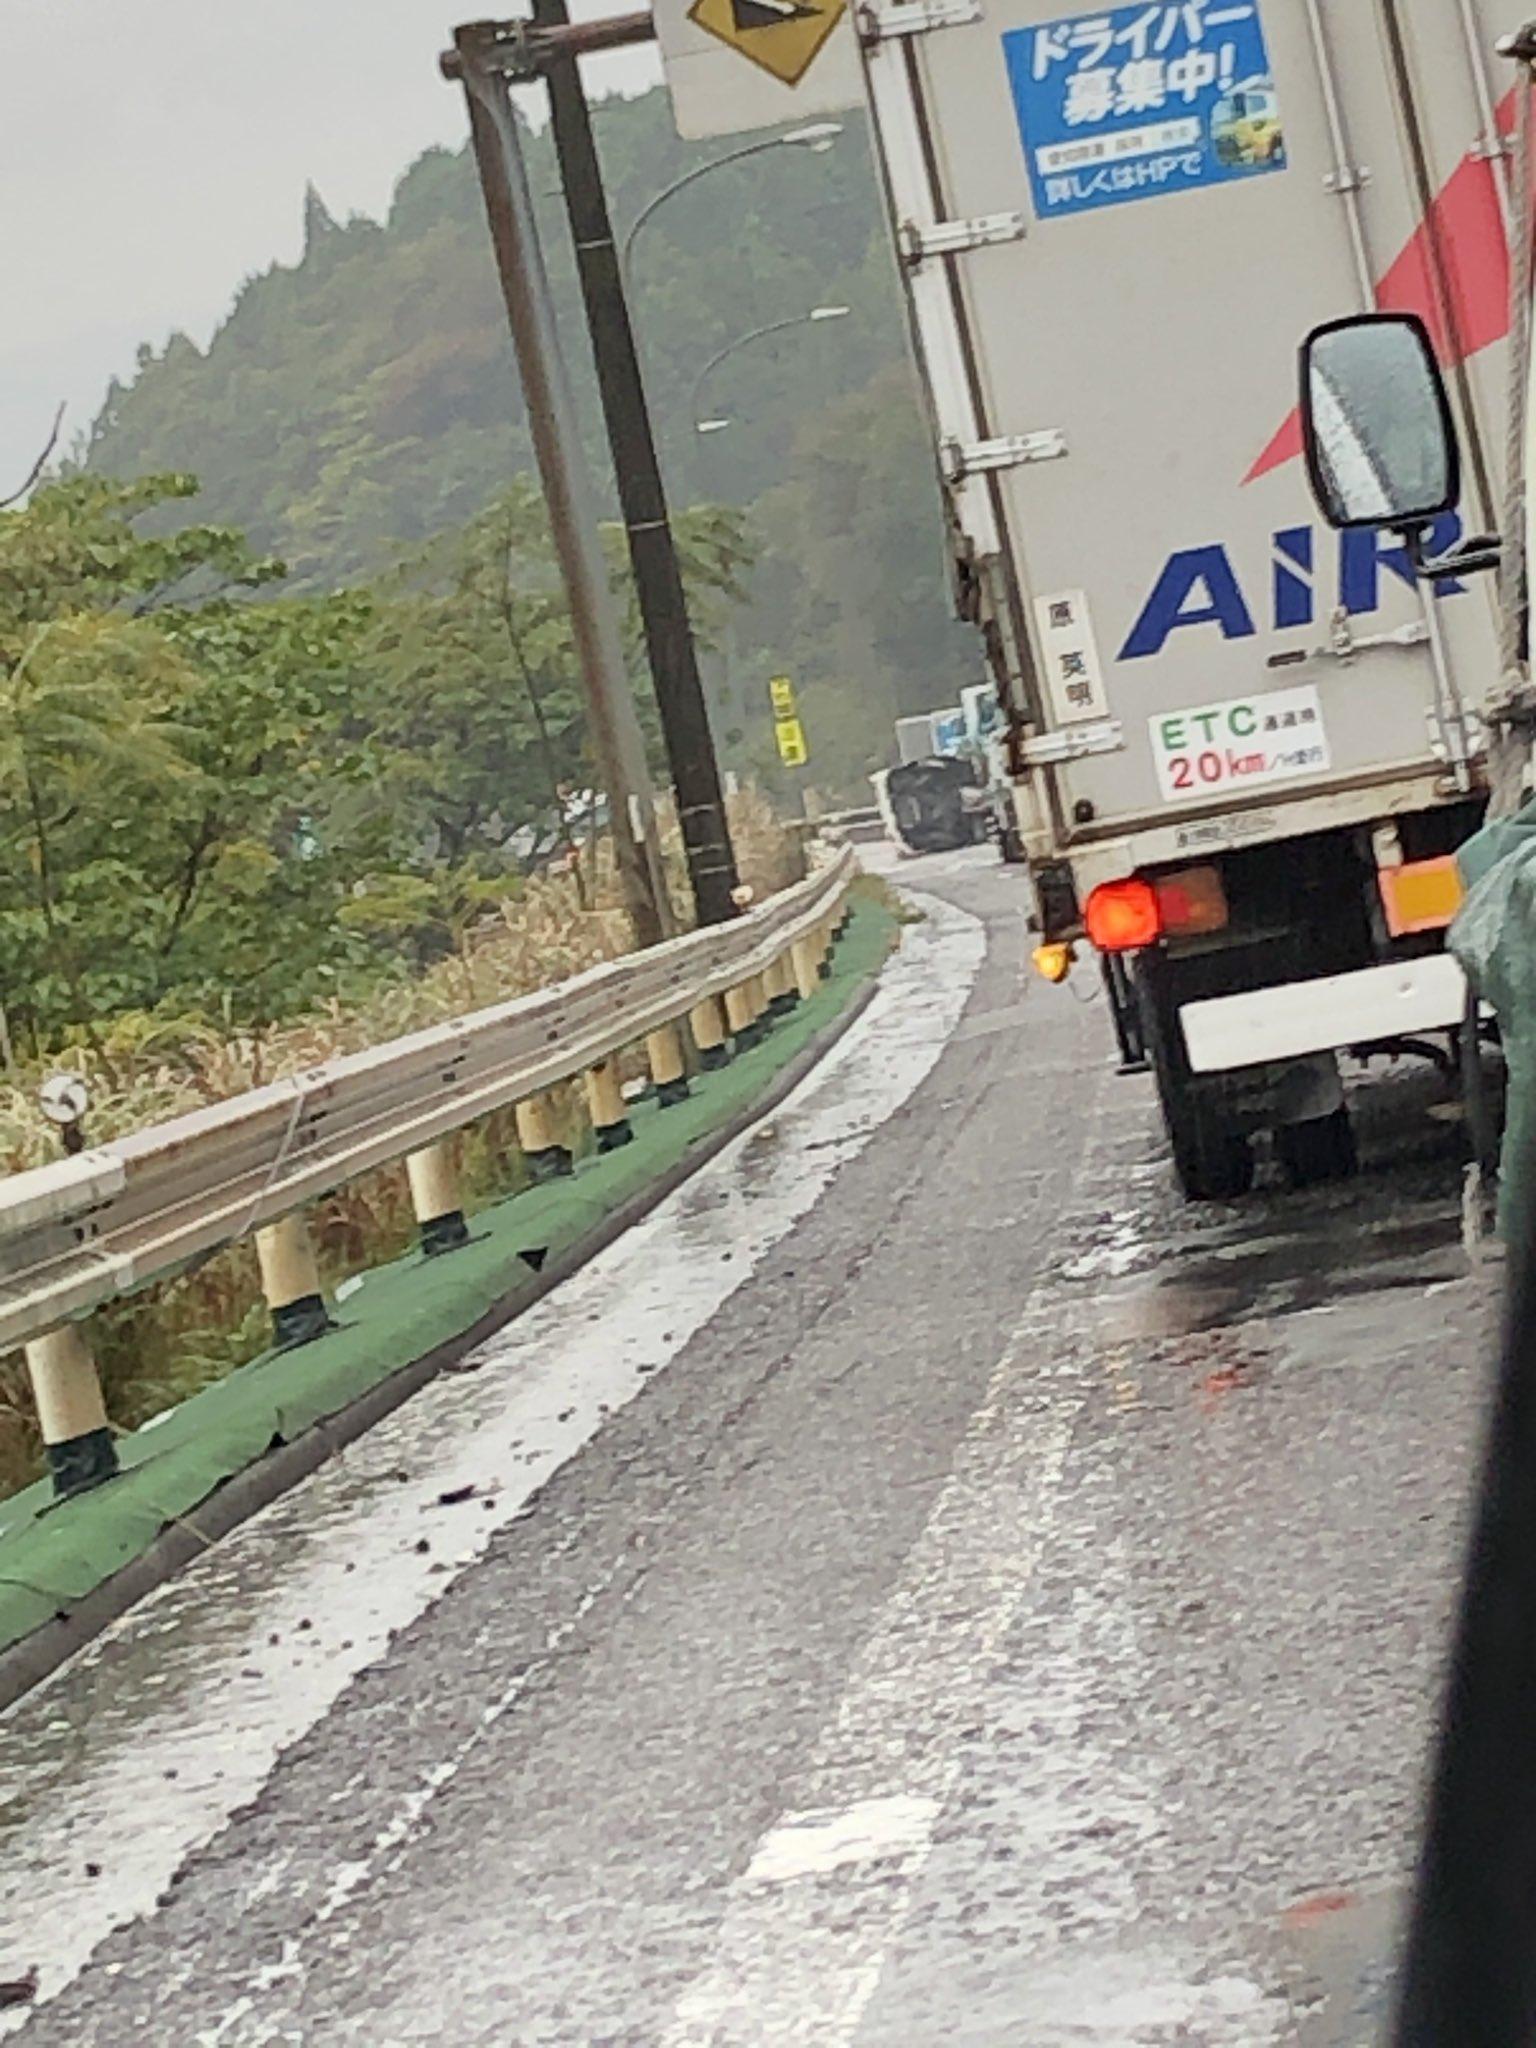 名阪国道の柘植町で横転事故が起きた現場の画像